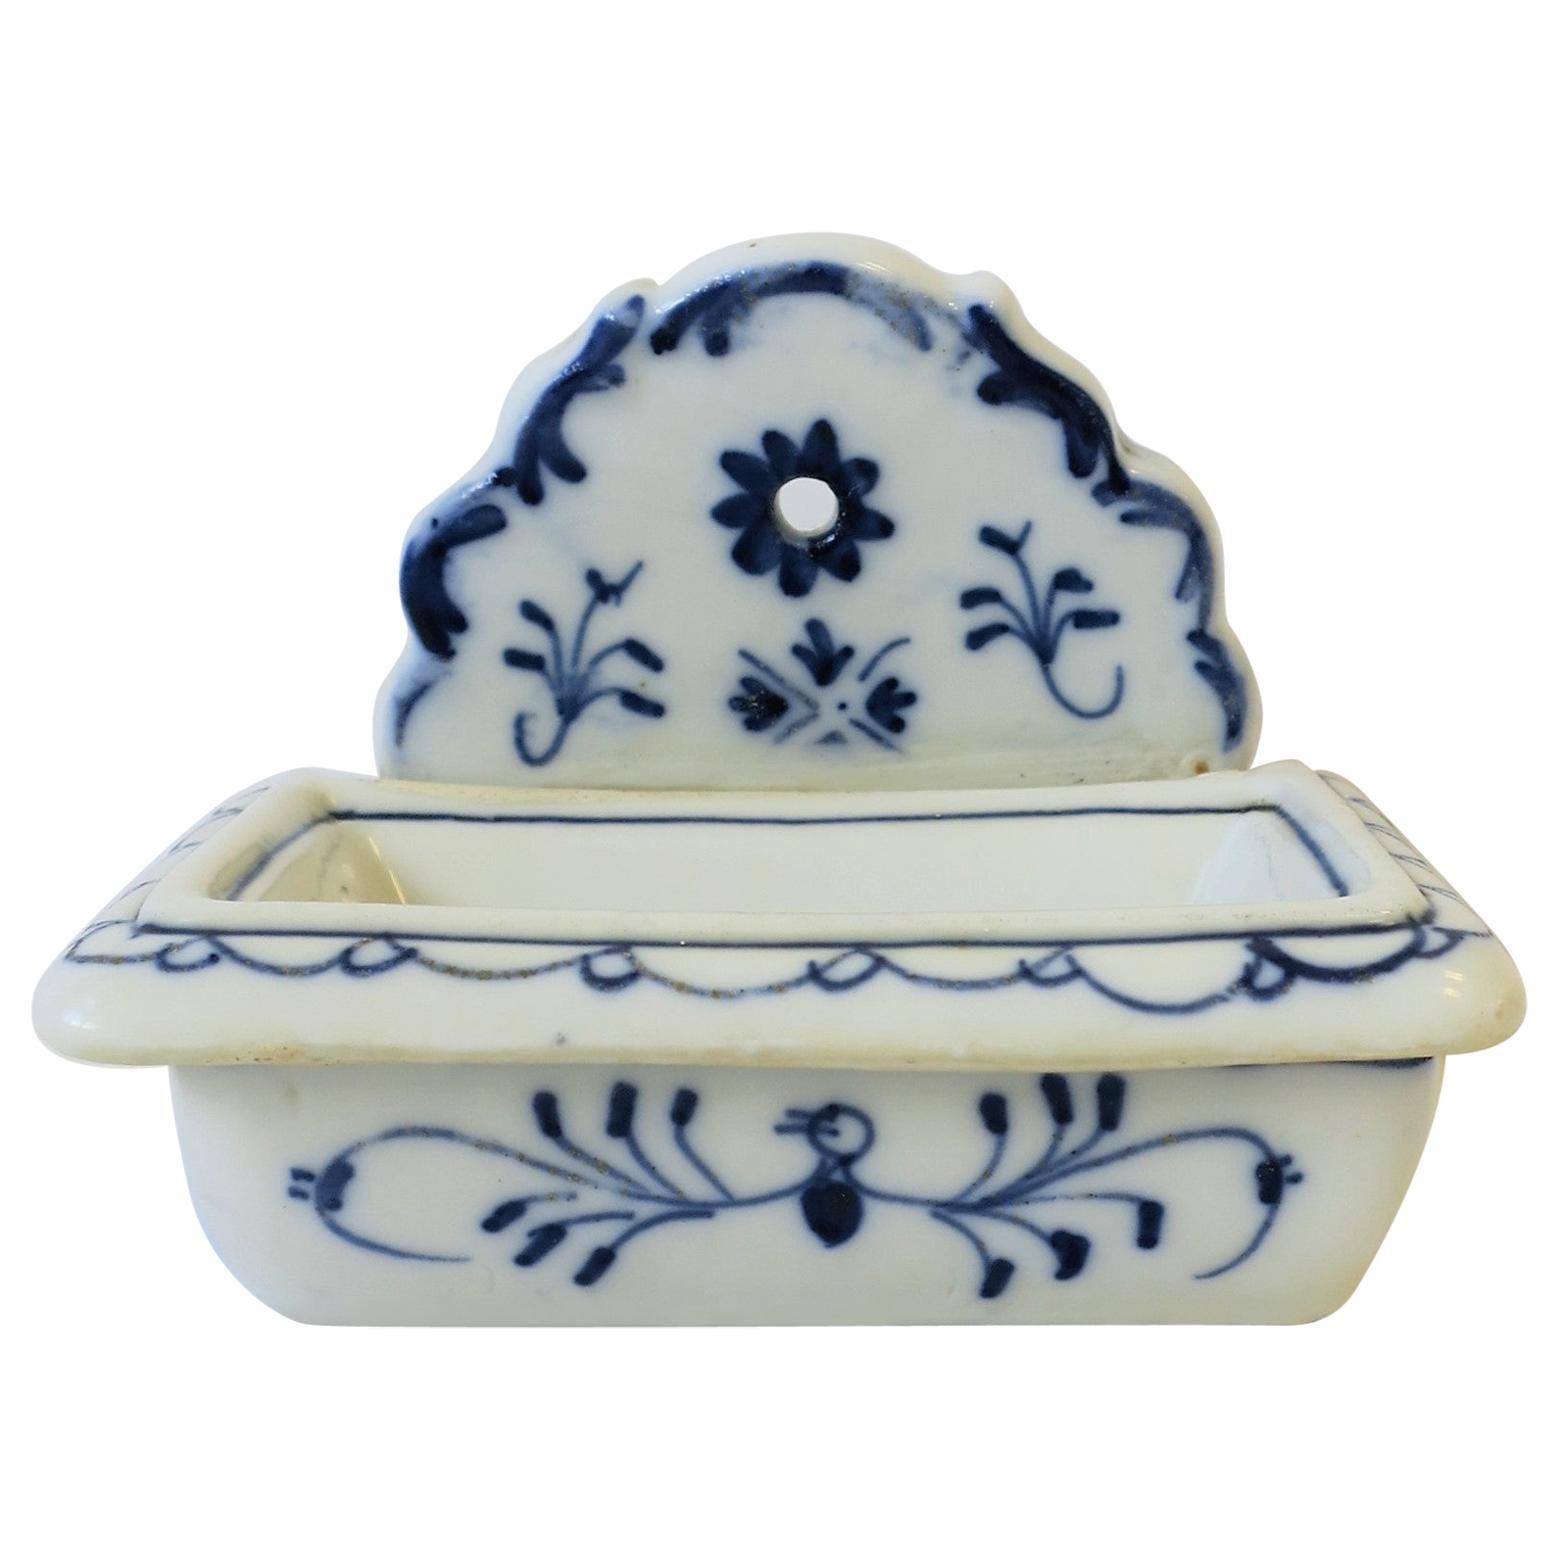 German Porcelain - 953 For Sale at 1stdibs